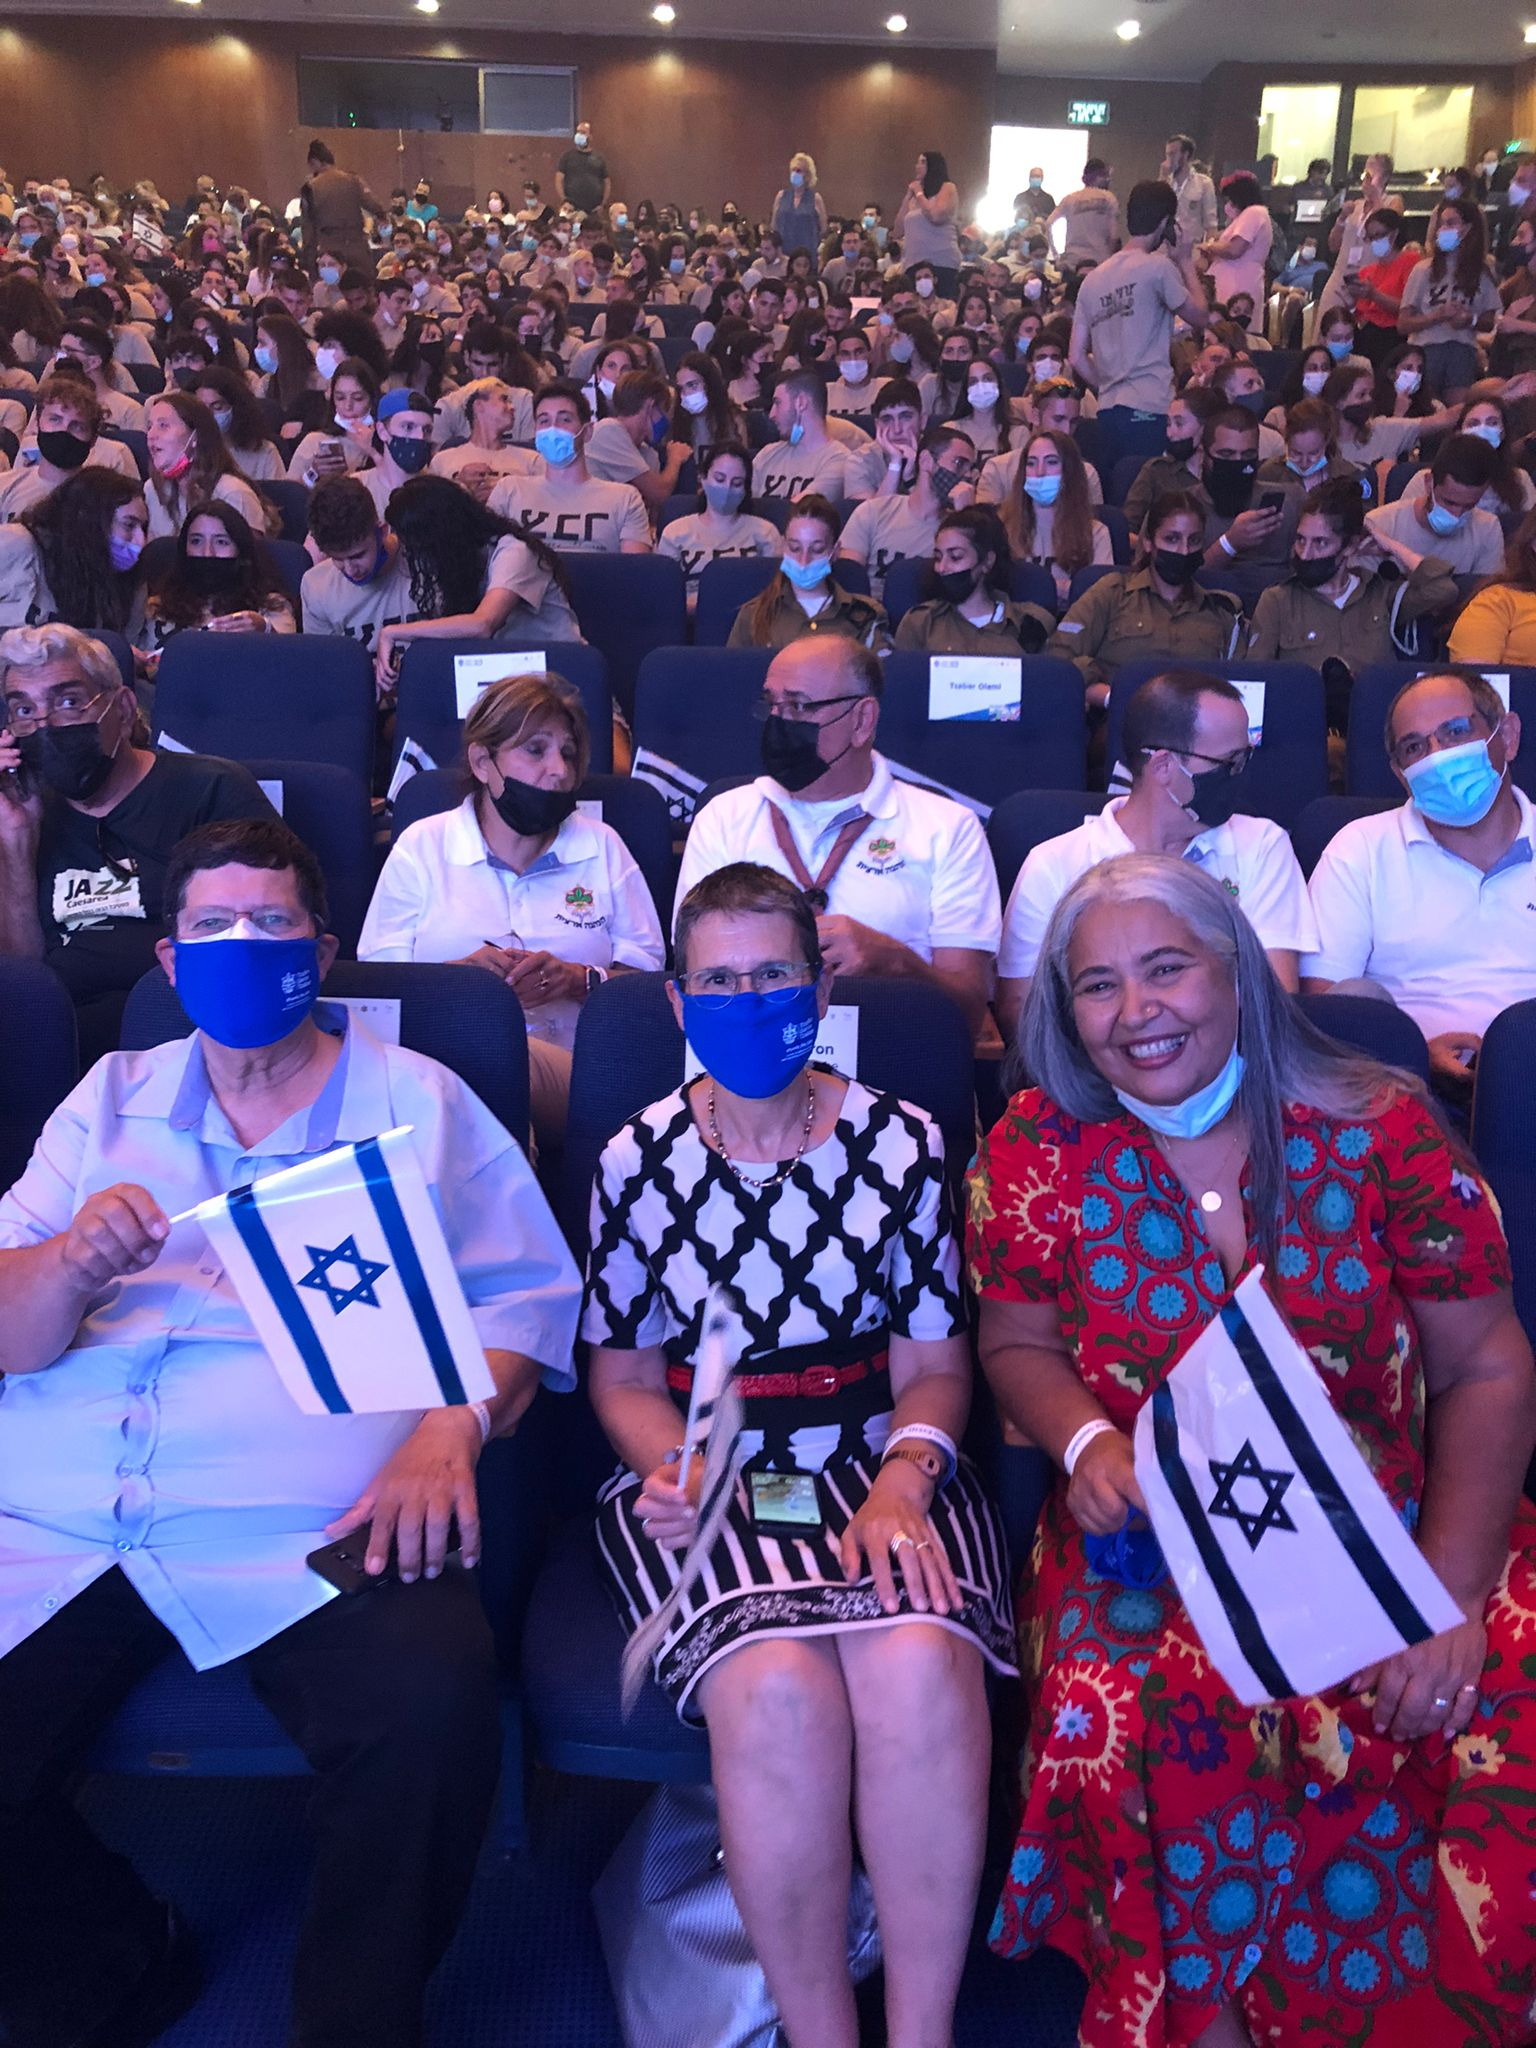 מימין לשמאל: יעל אייזנר, שרה עברון וניר מאיר באירוע 30 שנה לגרעין צבר